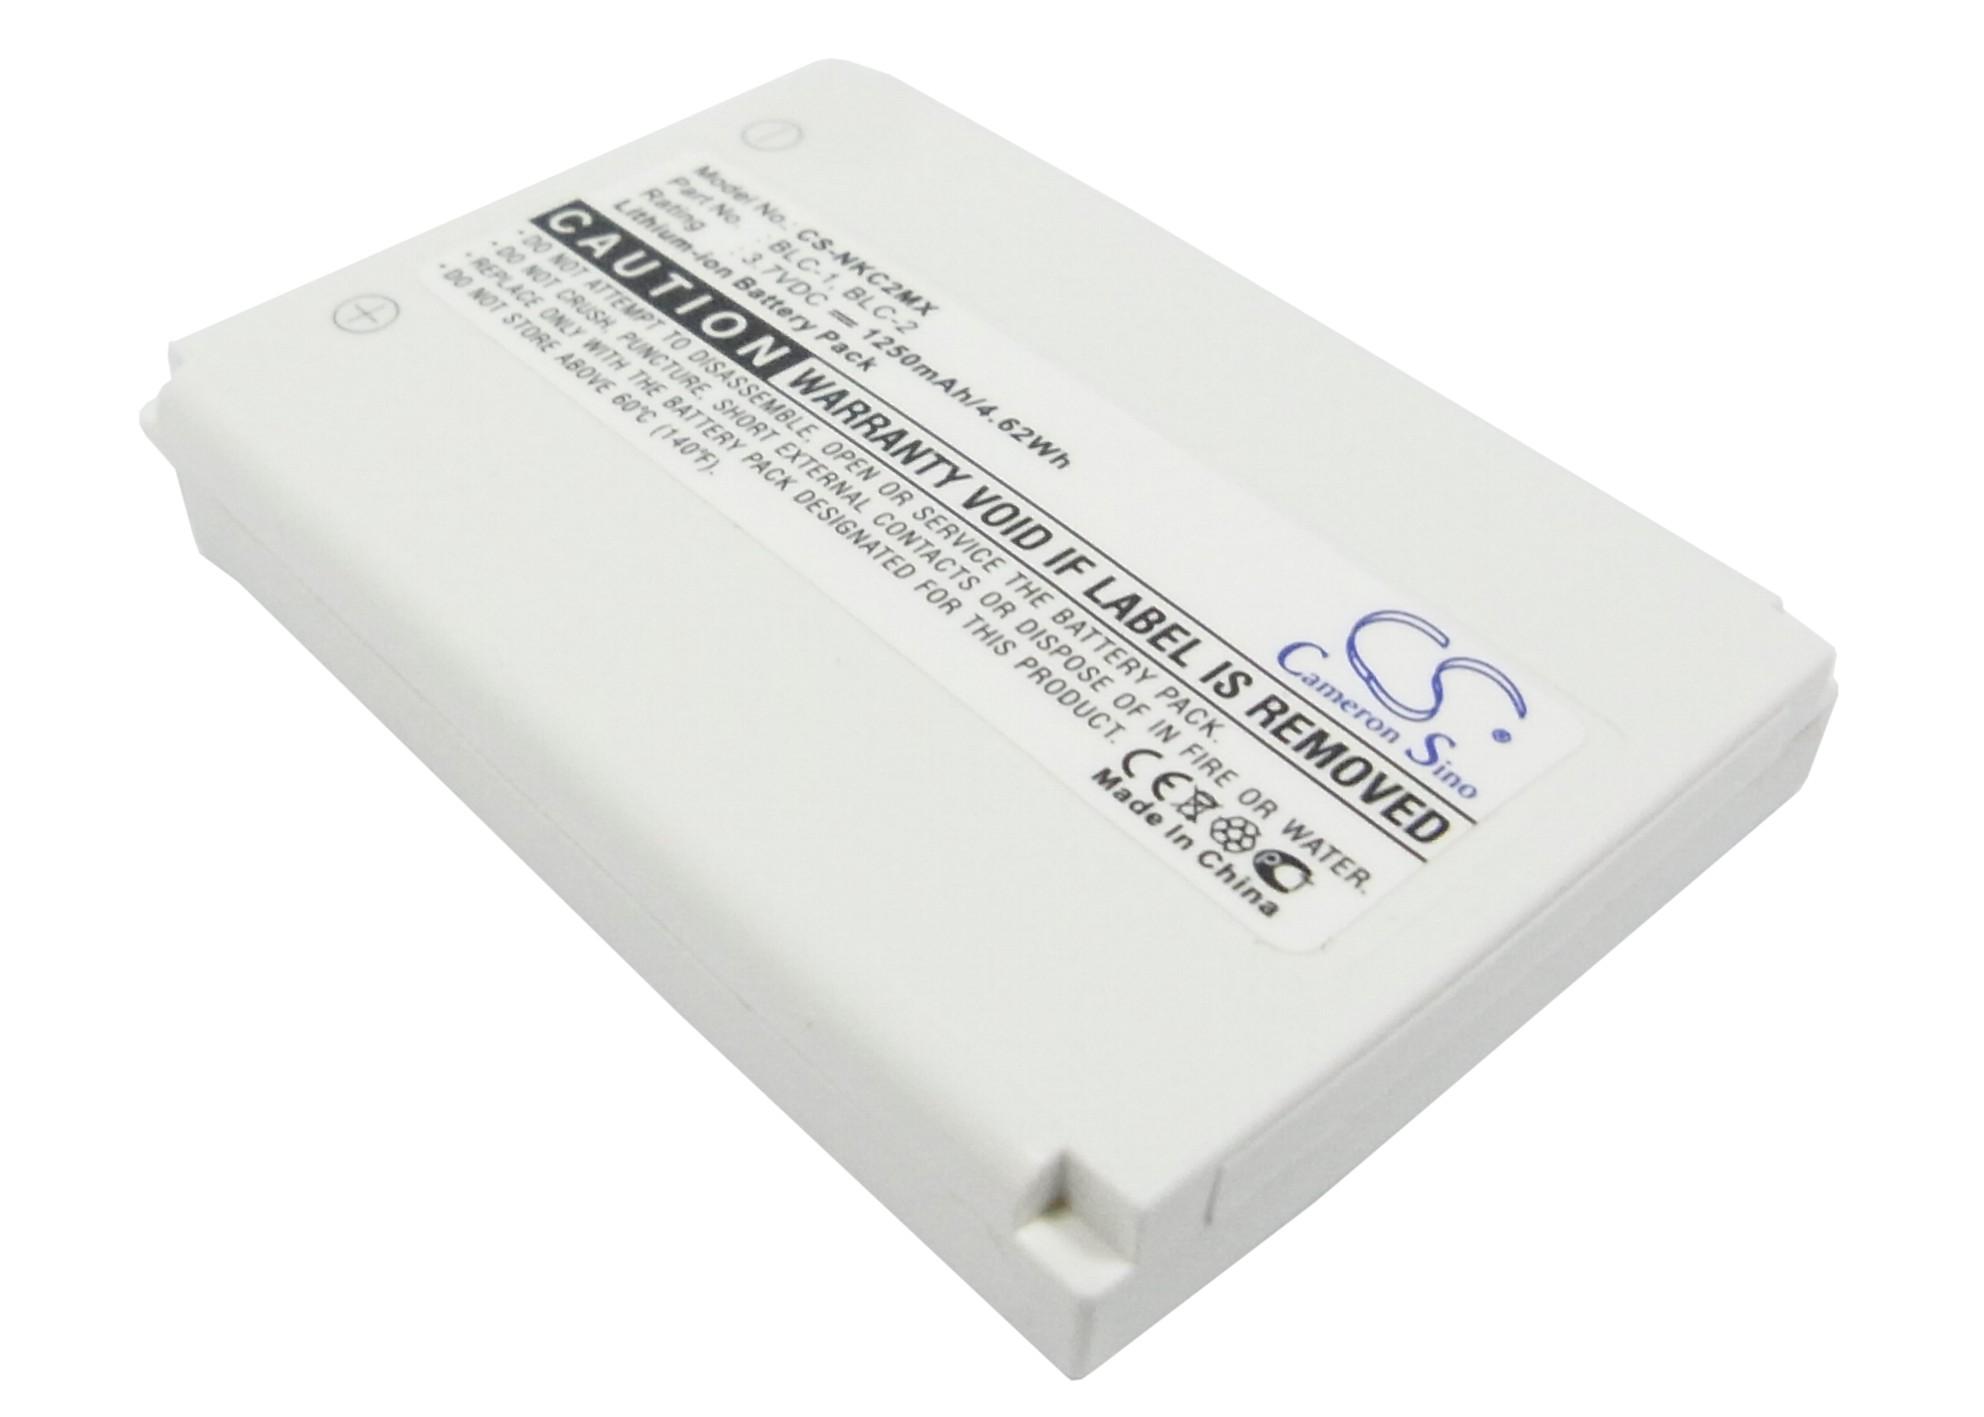 Cameron Sino baterie do mobilů pro NOKIA 3310 3.7V Li-ion 1250mAh bílá - neoriginální